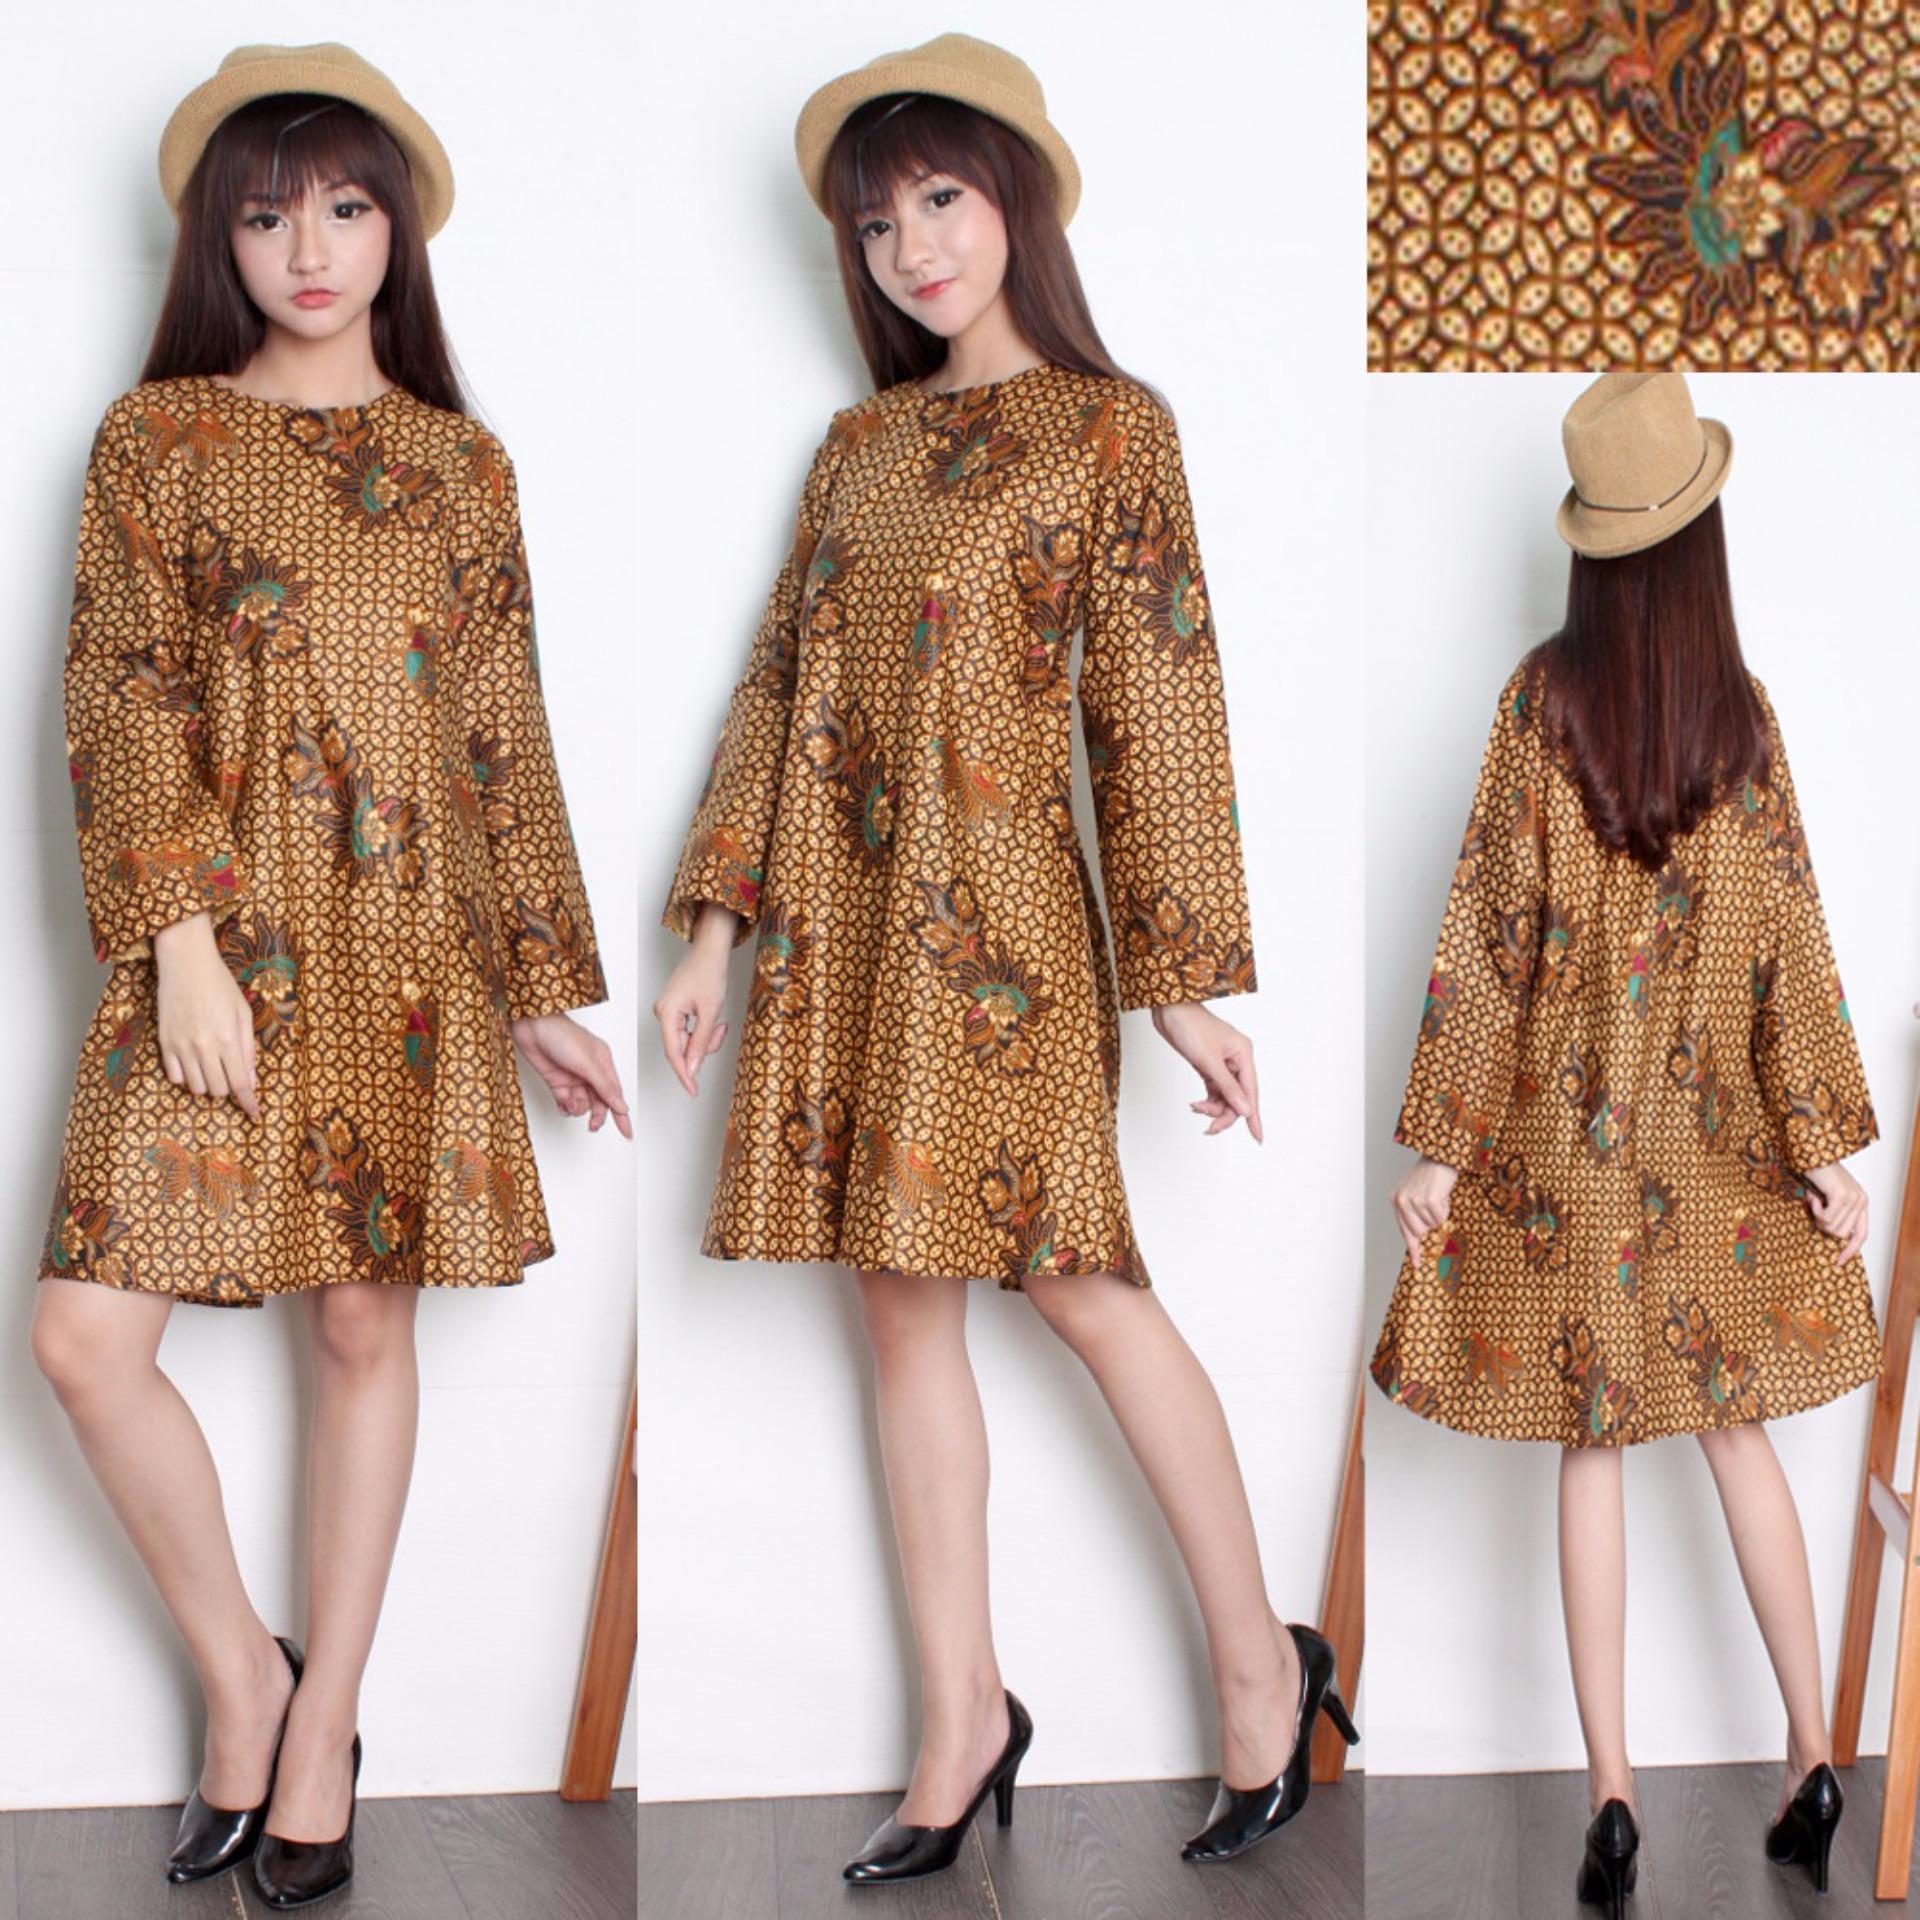 Beli Sb Collection Atasan Tunik Sari Blouse Kemeja Wanita Batik Coklat Pake Kartu Kredit